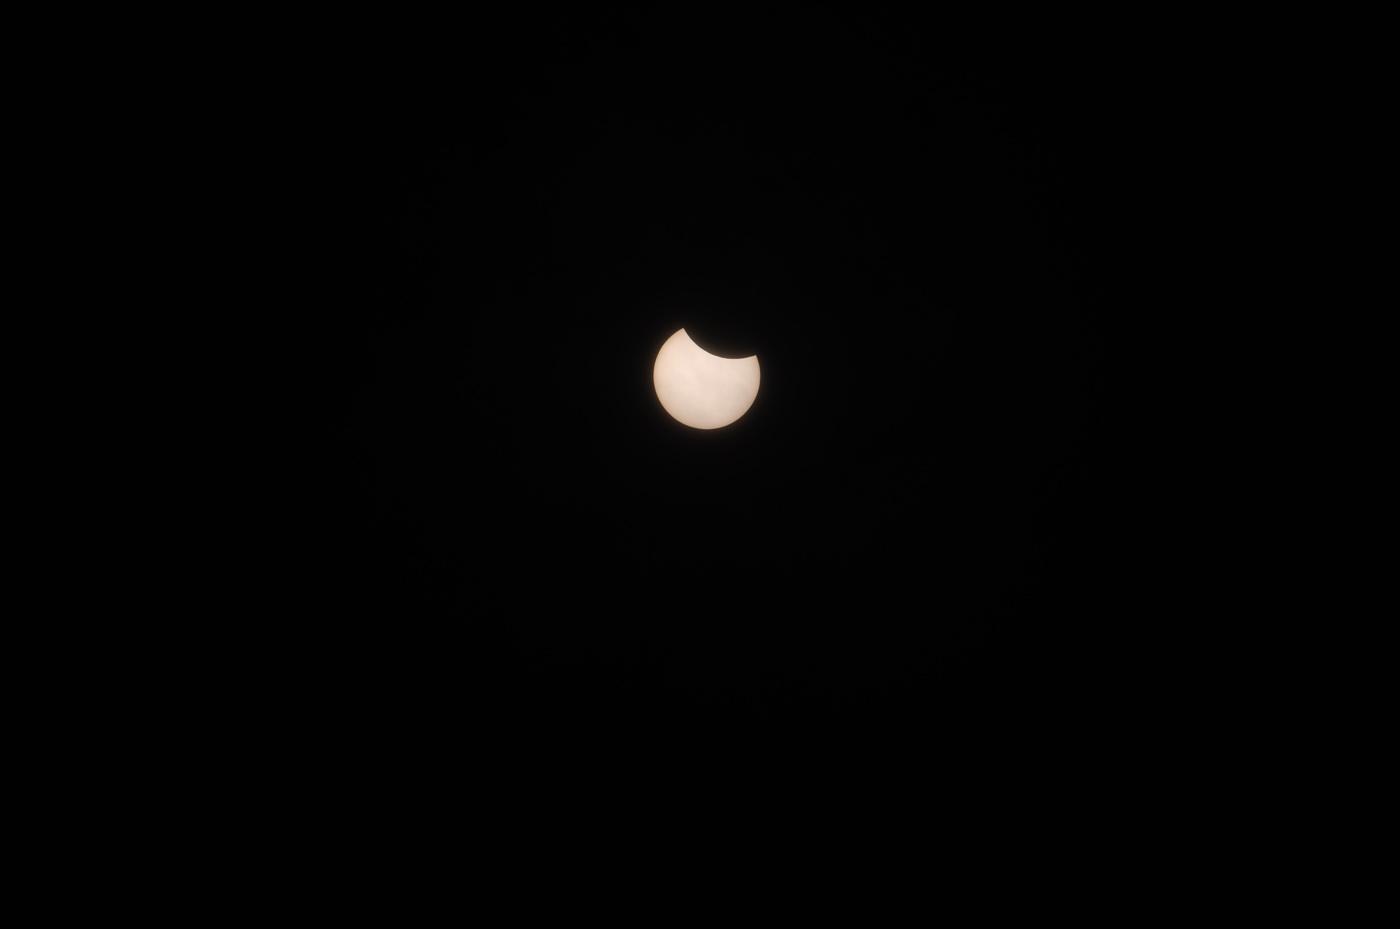 この時間はまだ日食がキレイに撮れていました